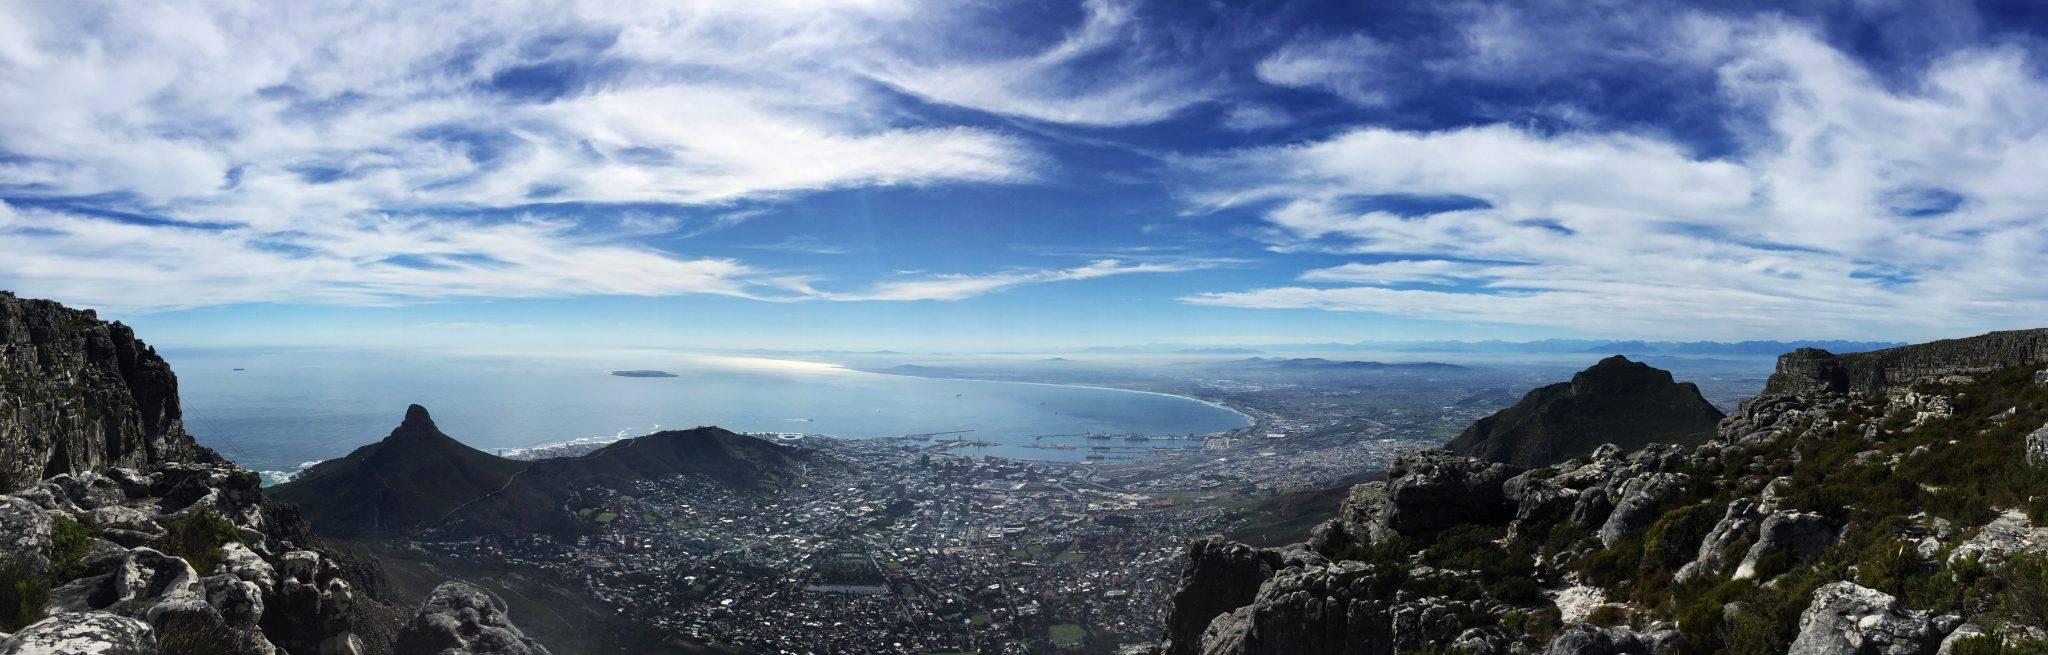 Kapstadt Afrika